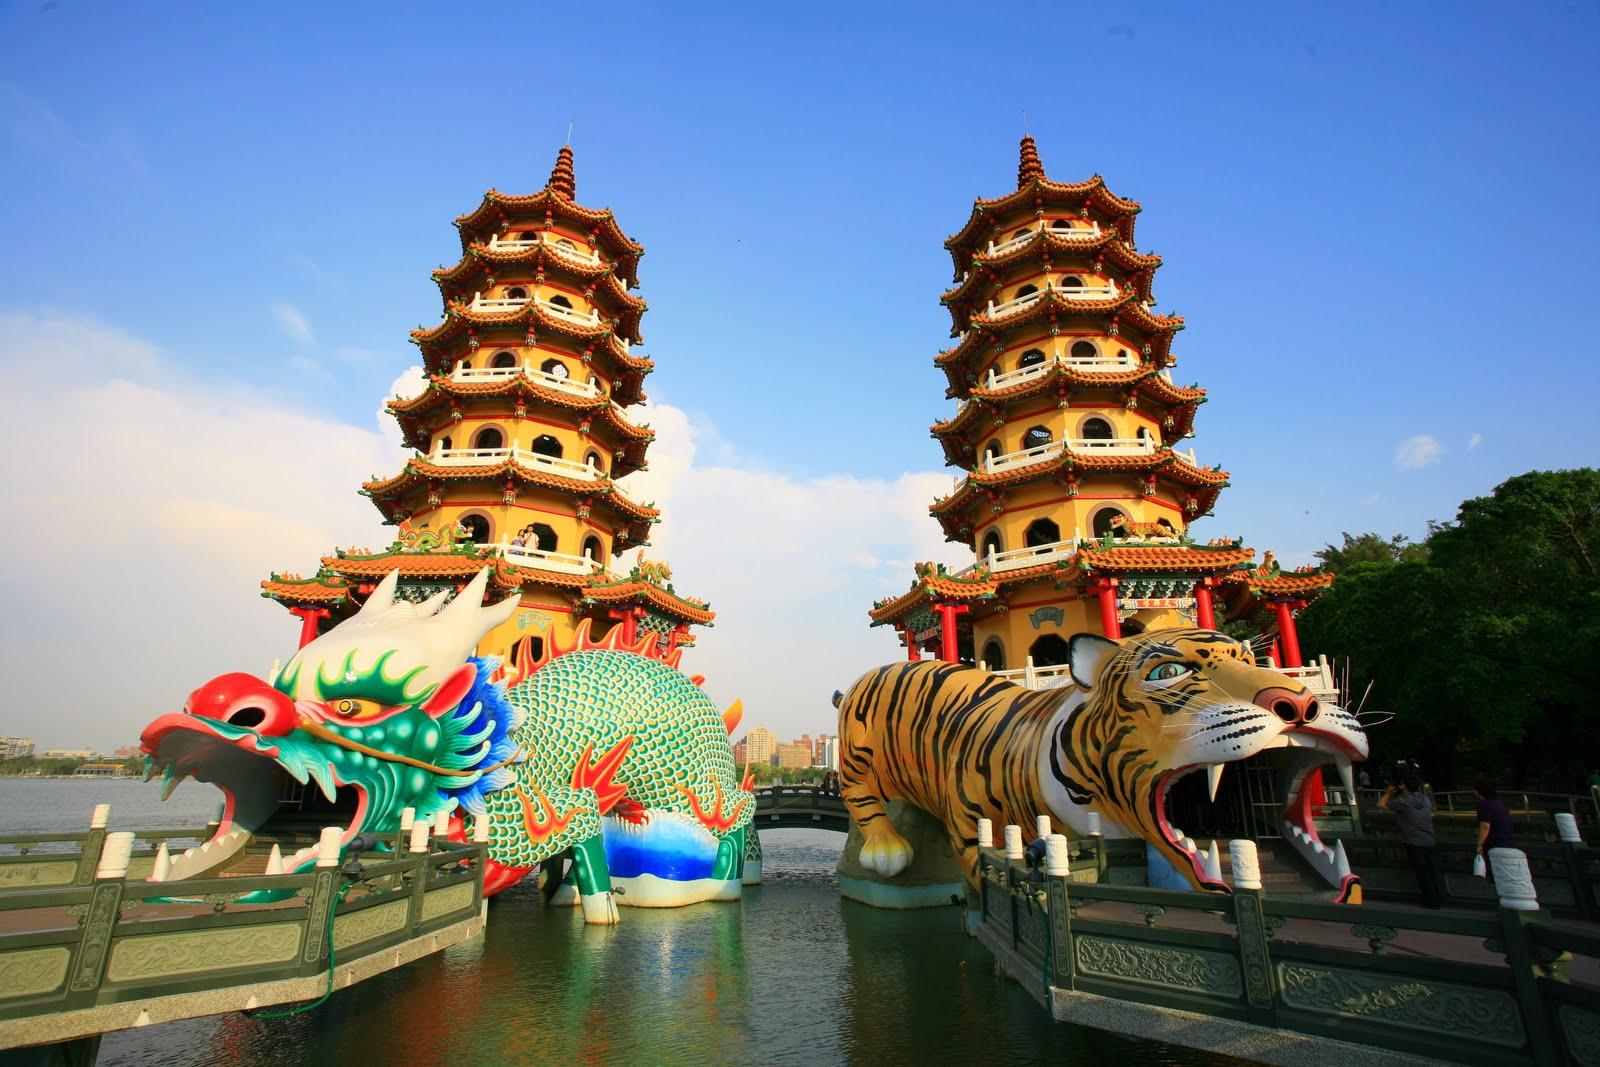 Địa điểm hấp dẫn nhất tại Cao Hùng vé máy bay đi Cao Hùng giá rẻ